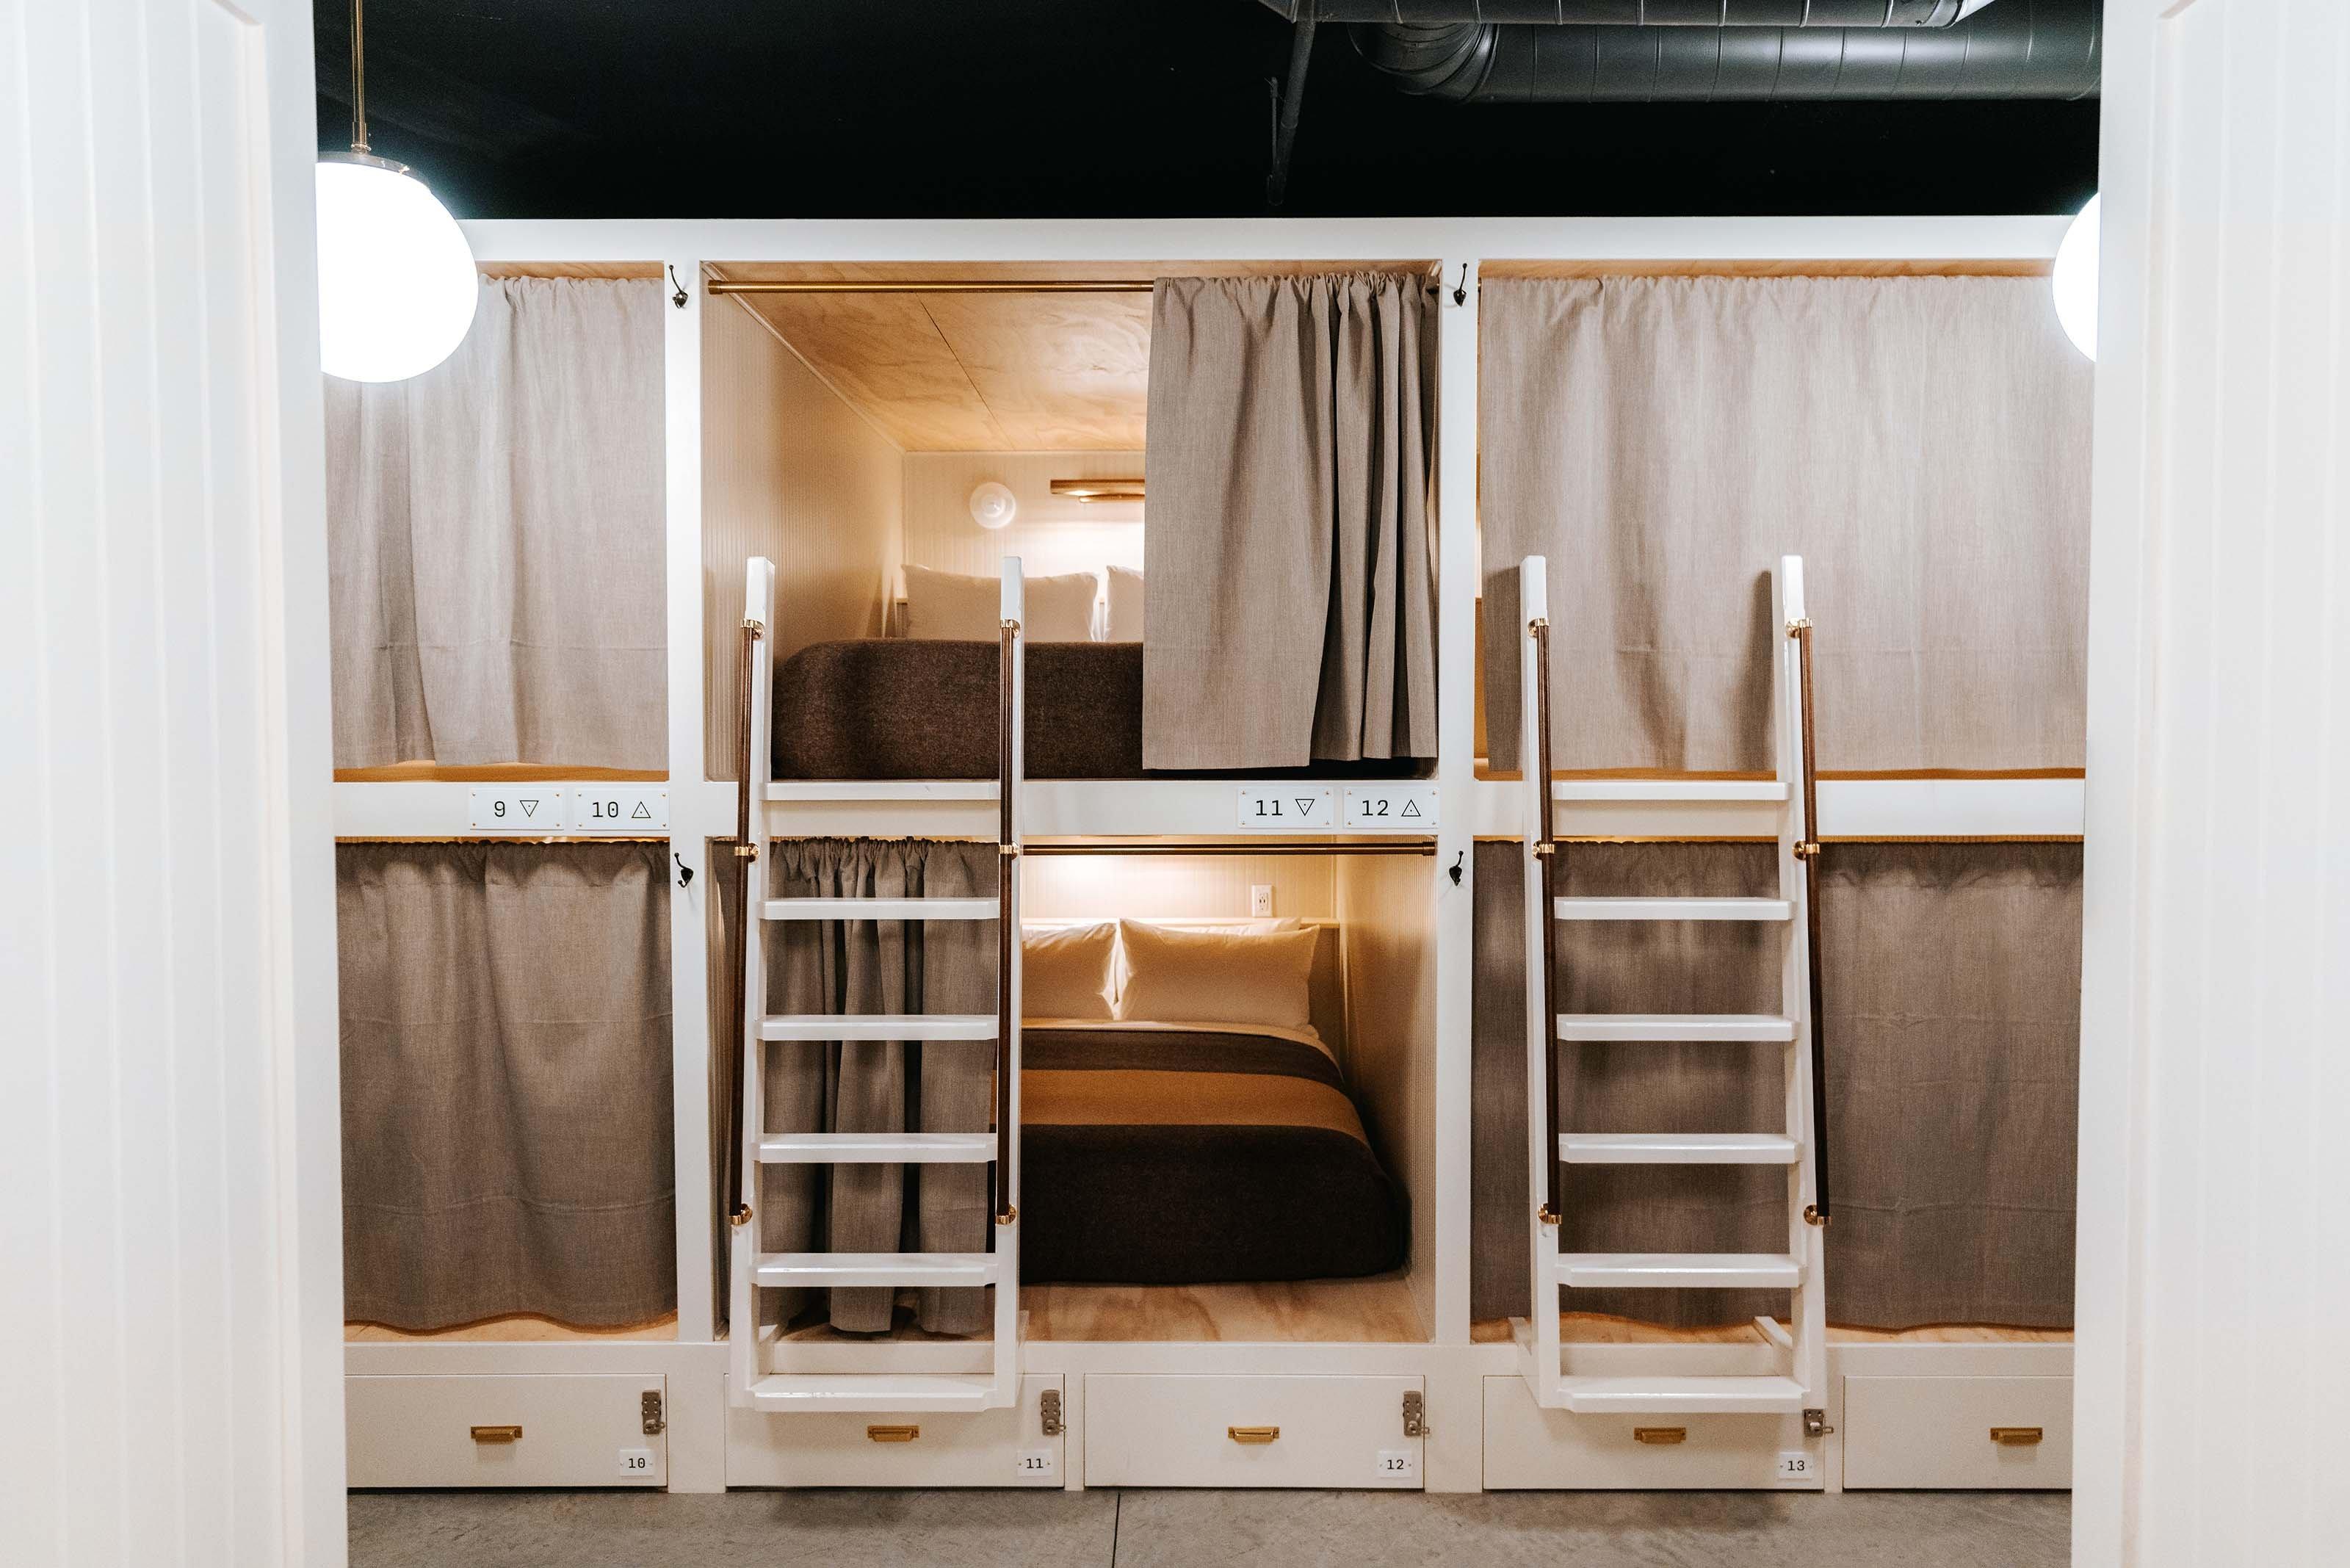 Queen Bed Upper Bunk